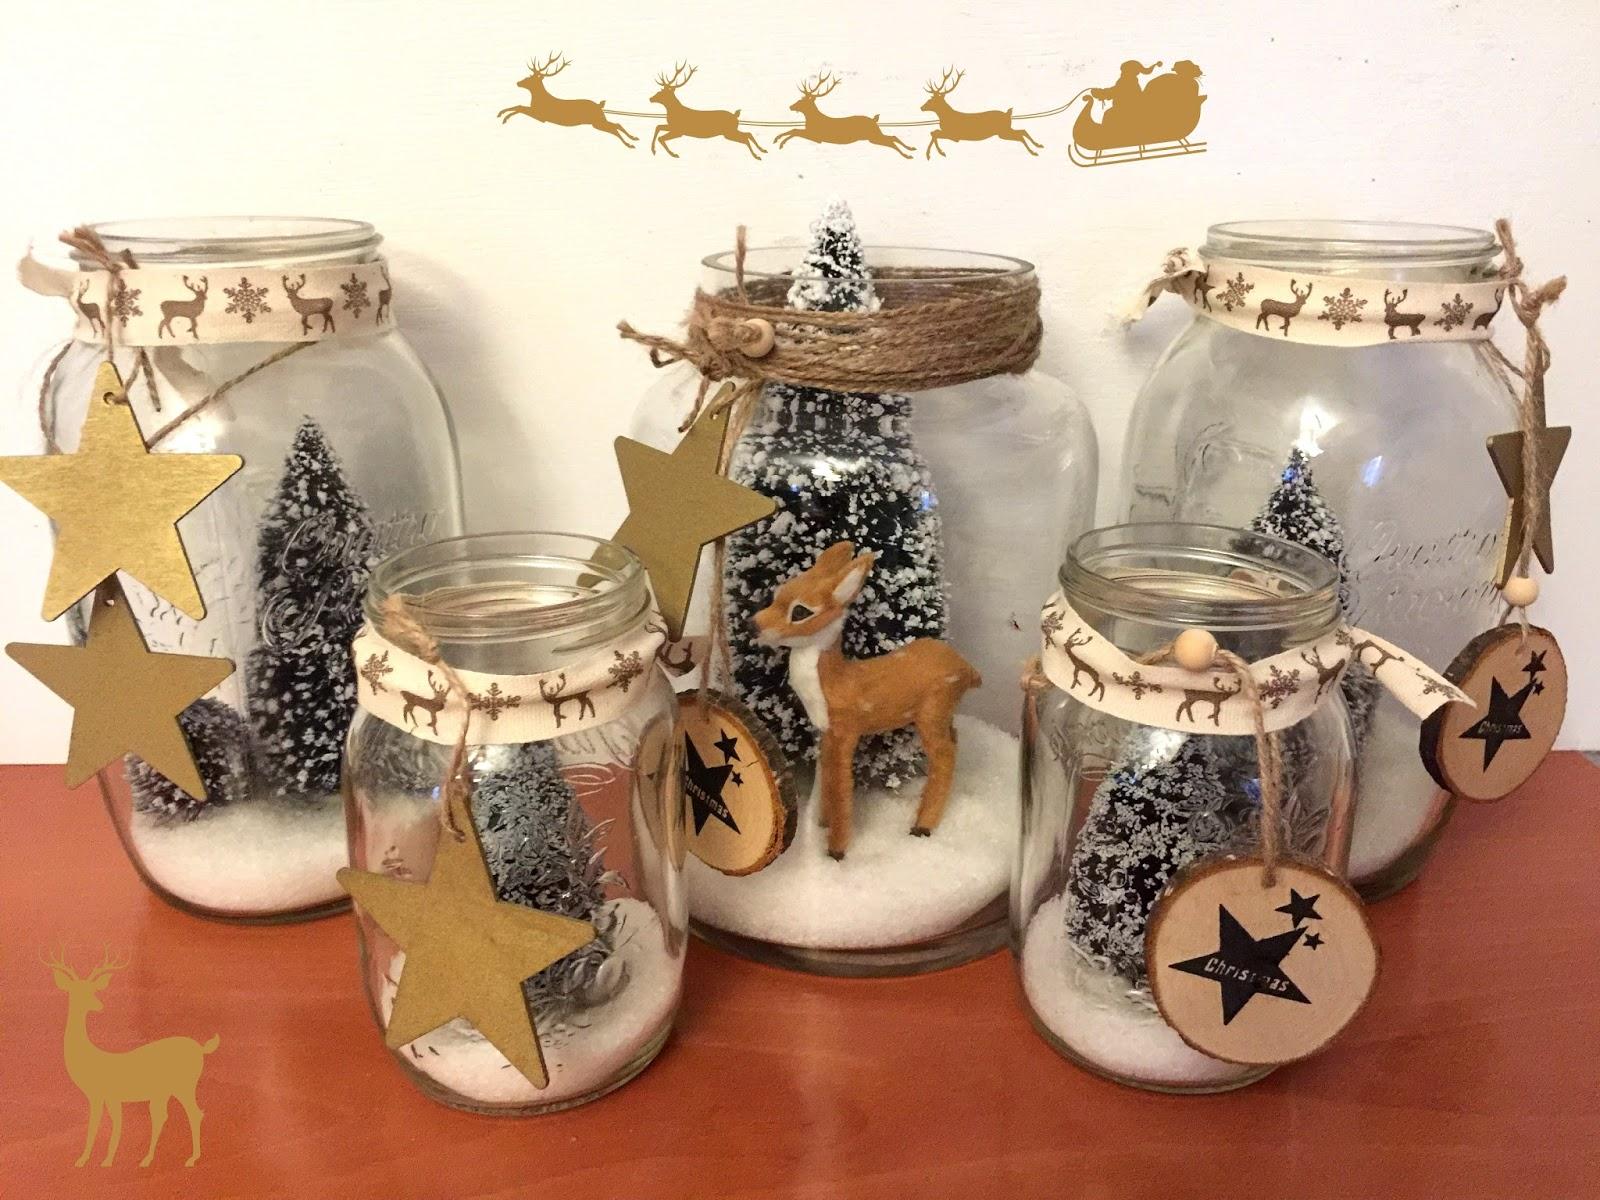 El taller de los dulces centros de mesa navide os estilo - Centros de mesa navidenos manualidades ...